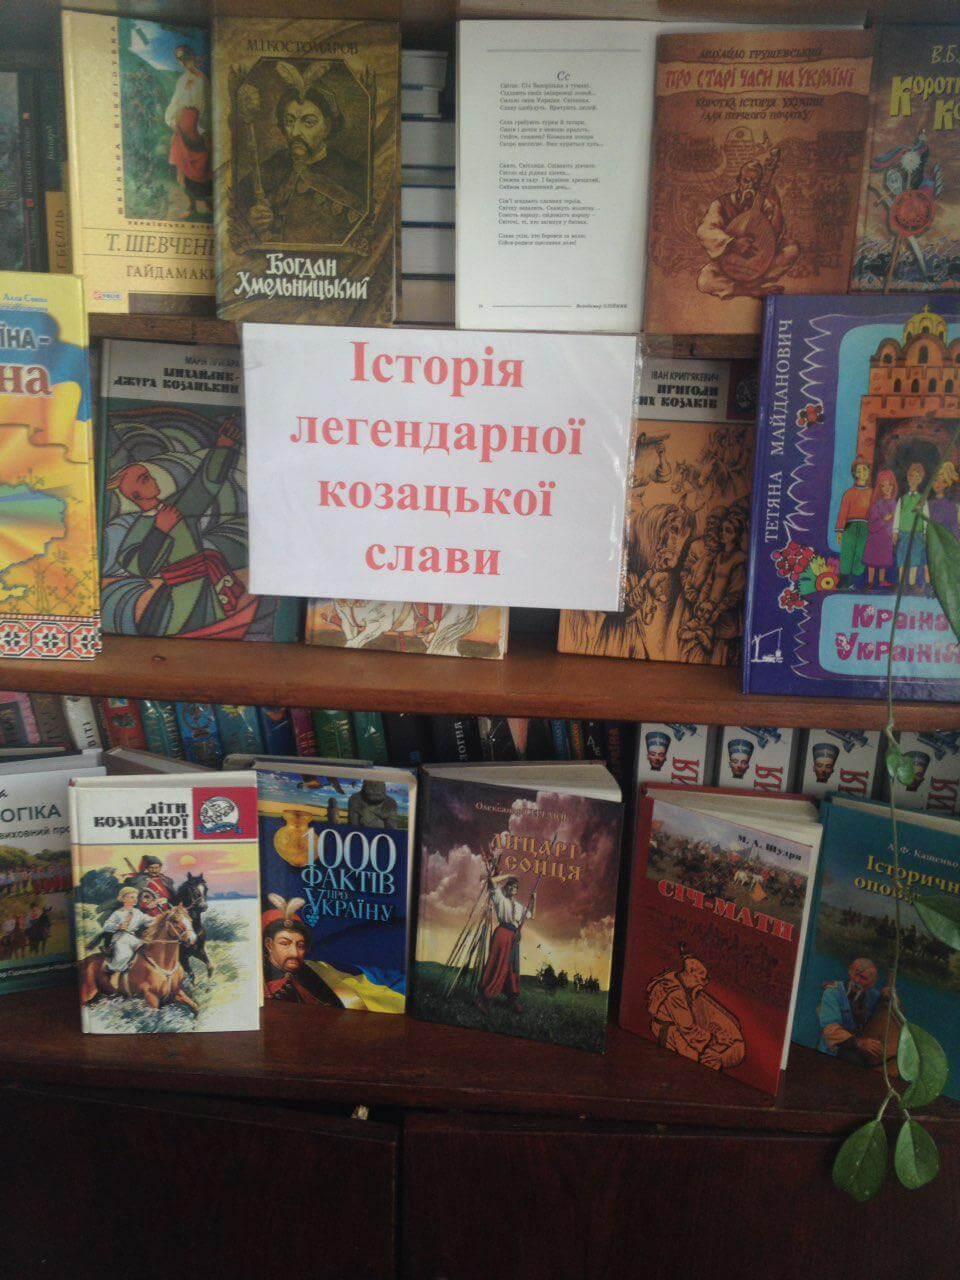 0 02 04 ec1fa40ed7642133a2602df6fa233baa4c0096f5361cbfb9d6de01d3095765fd full - Бібліотечний урок «Козацькому роду нема переводу»